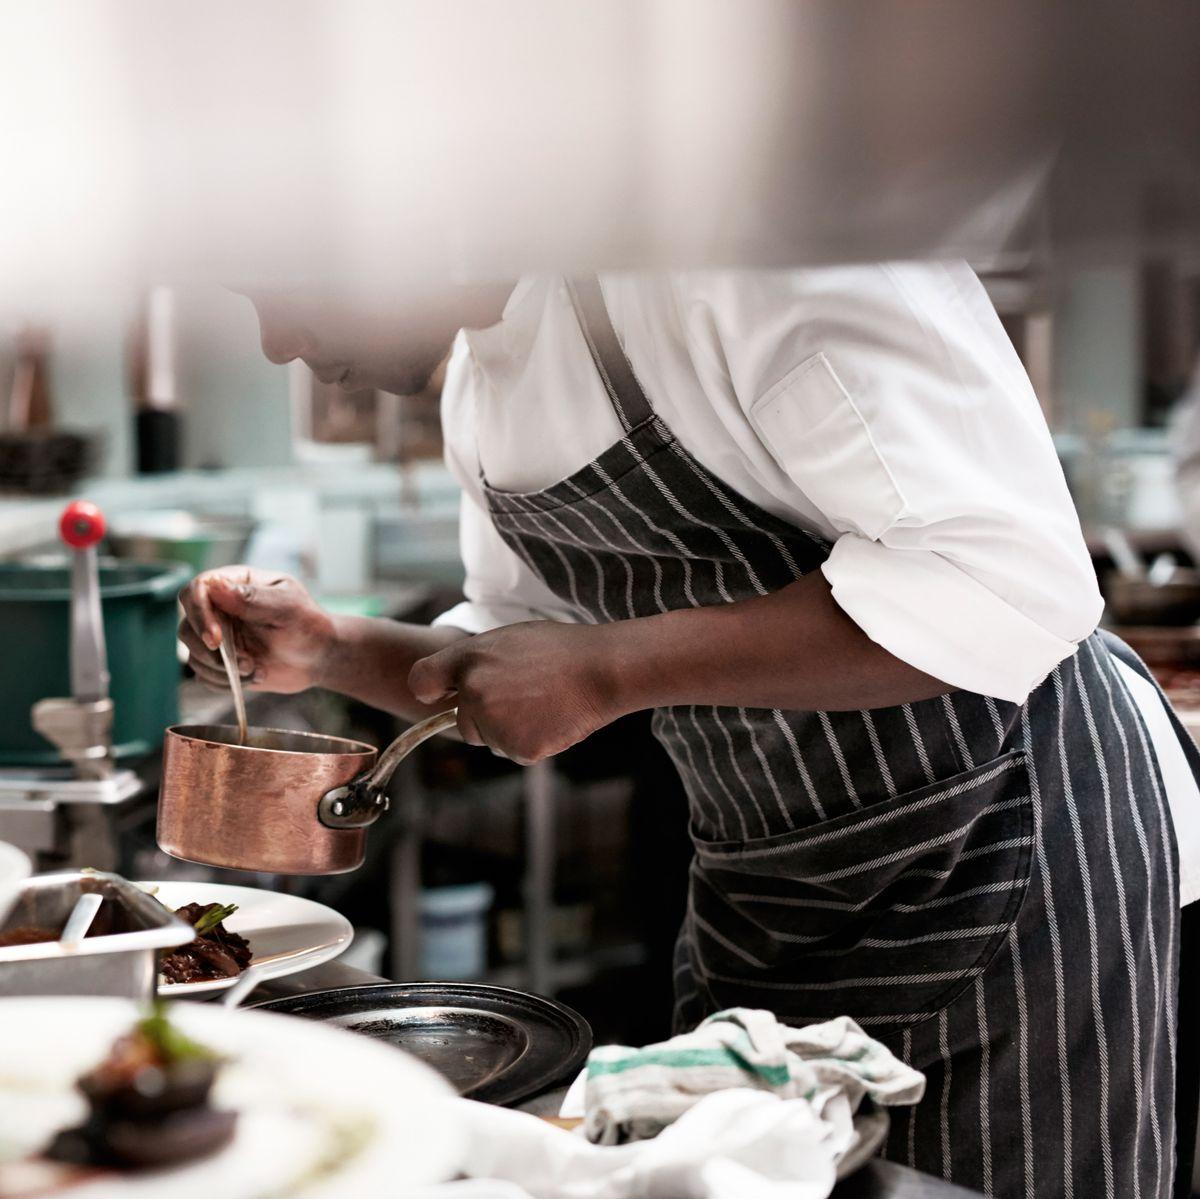 Interview Chefs Edouardo Jordan And Kwame Onwuachi